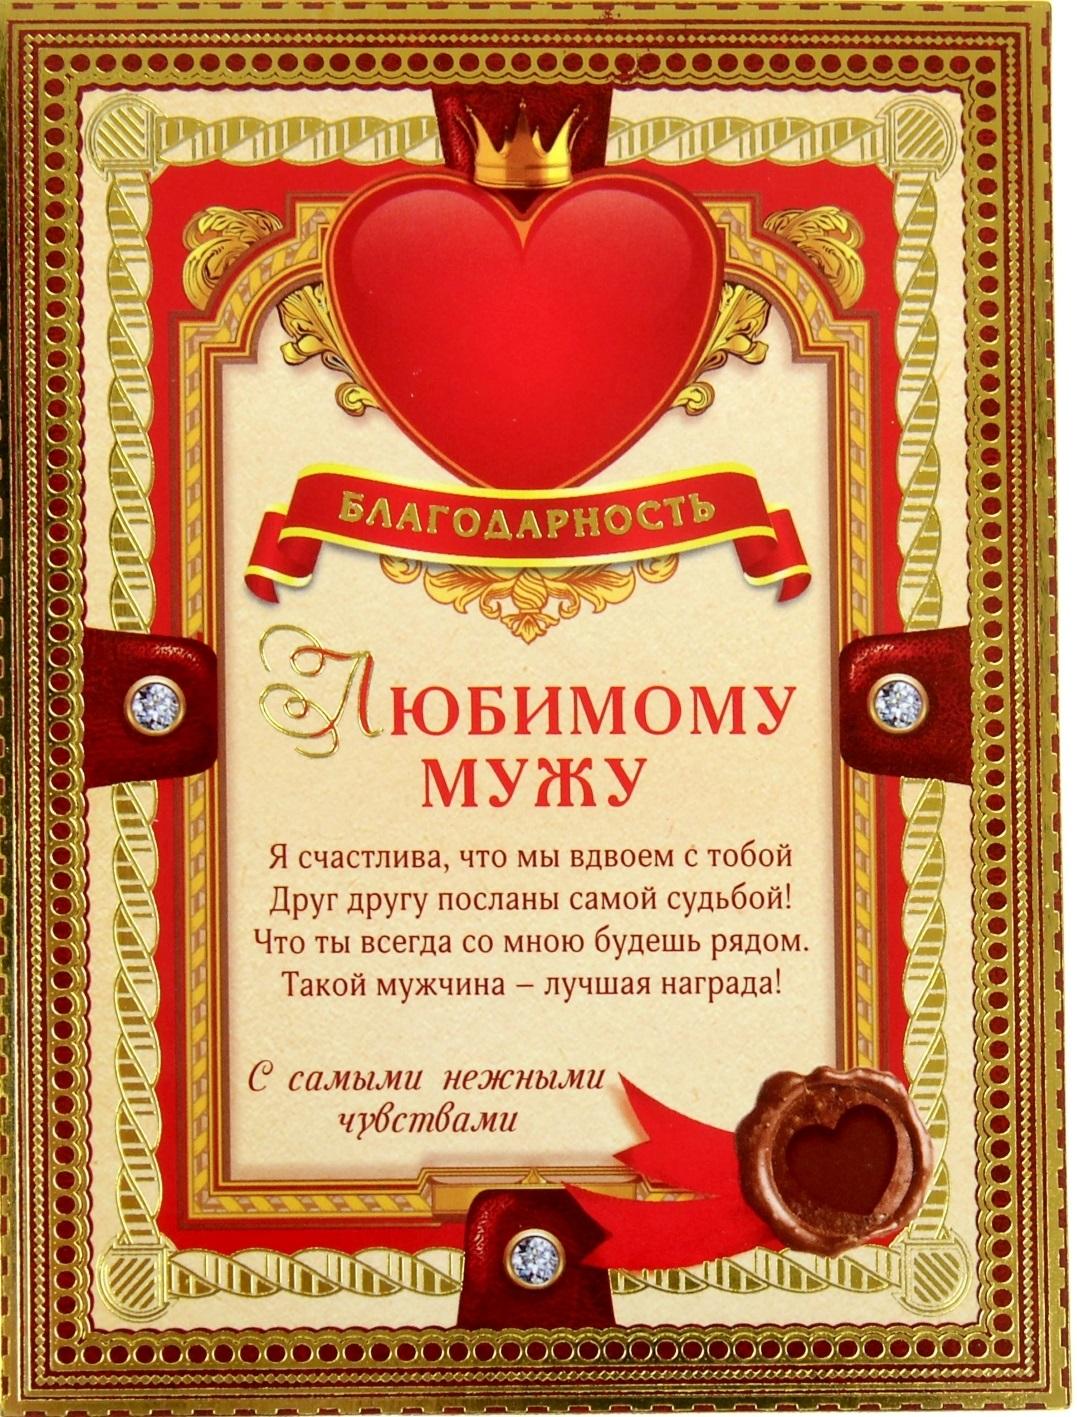 Печать грамот и дипломов для мужа в Москве | фото 3